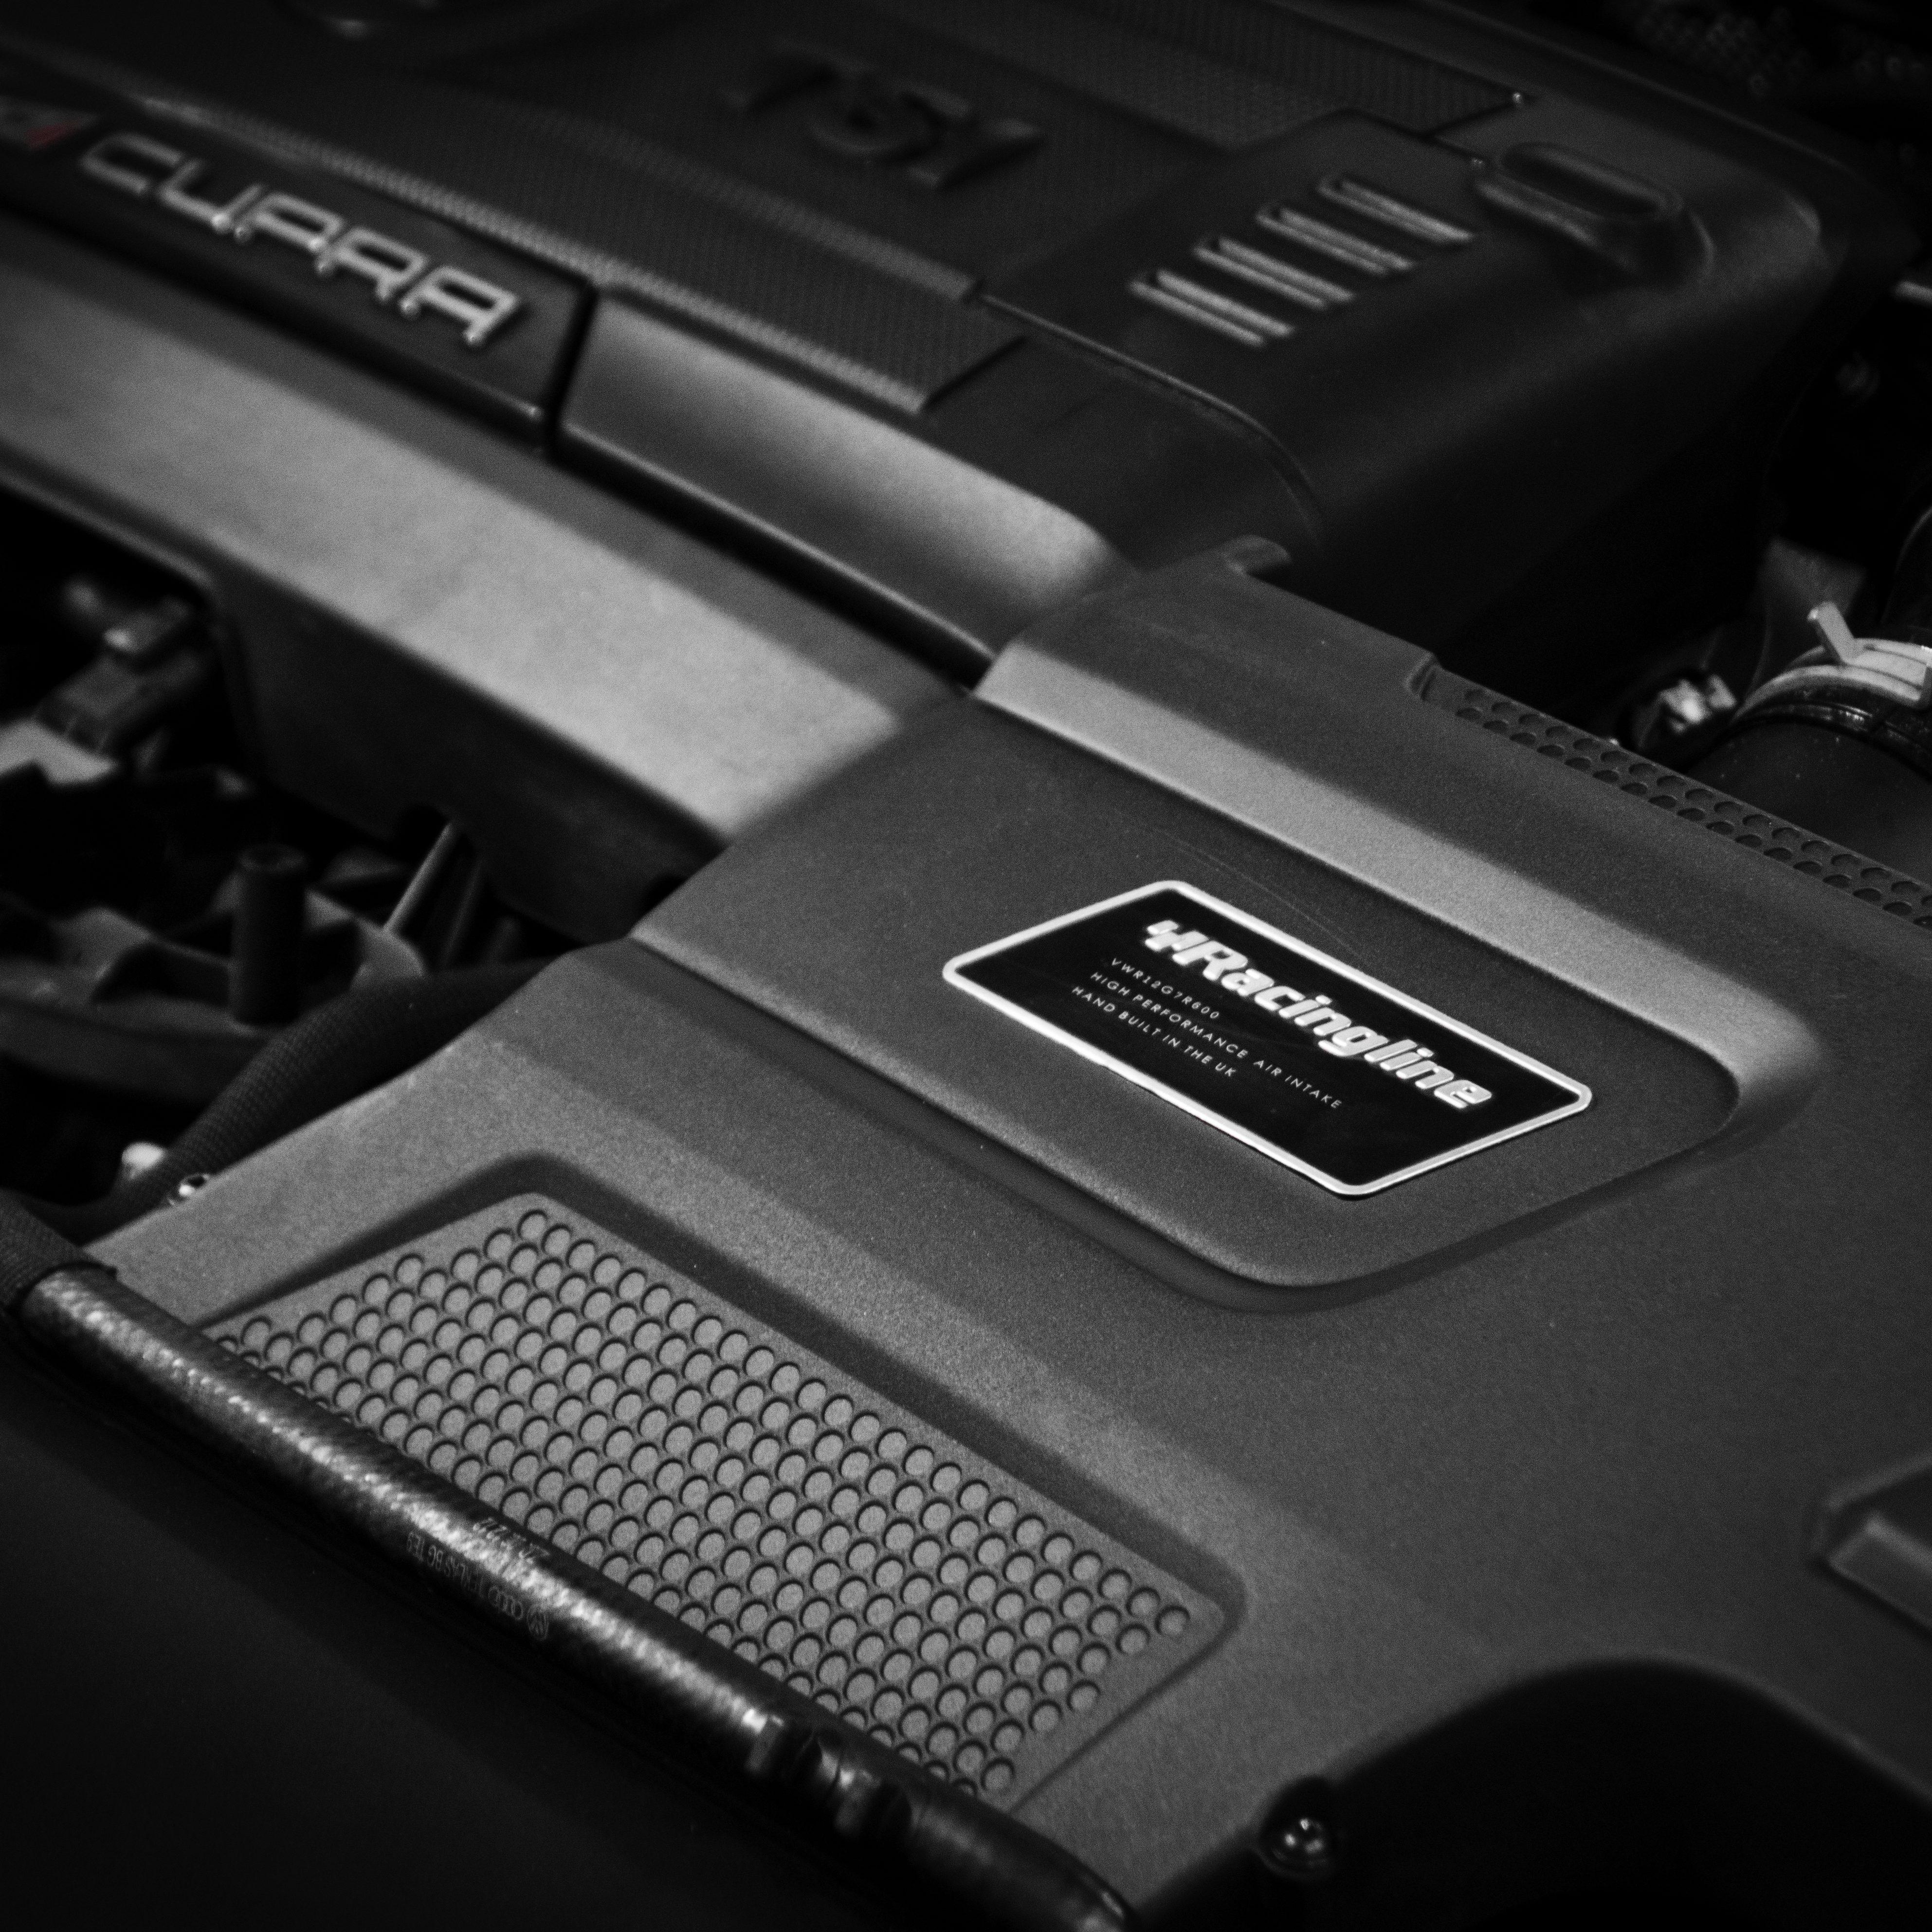 Mehr Motorleistung im mittleren und oberen Drehzahlbereich durch Optimierung der Luftansaugung